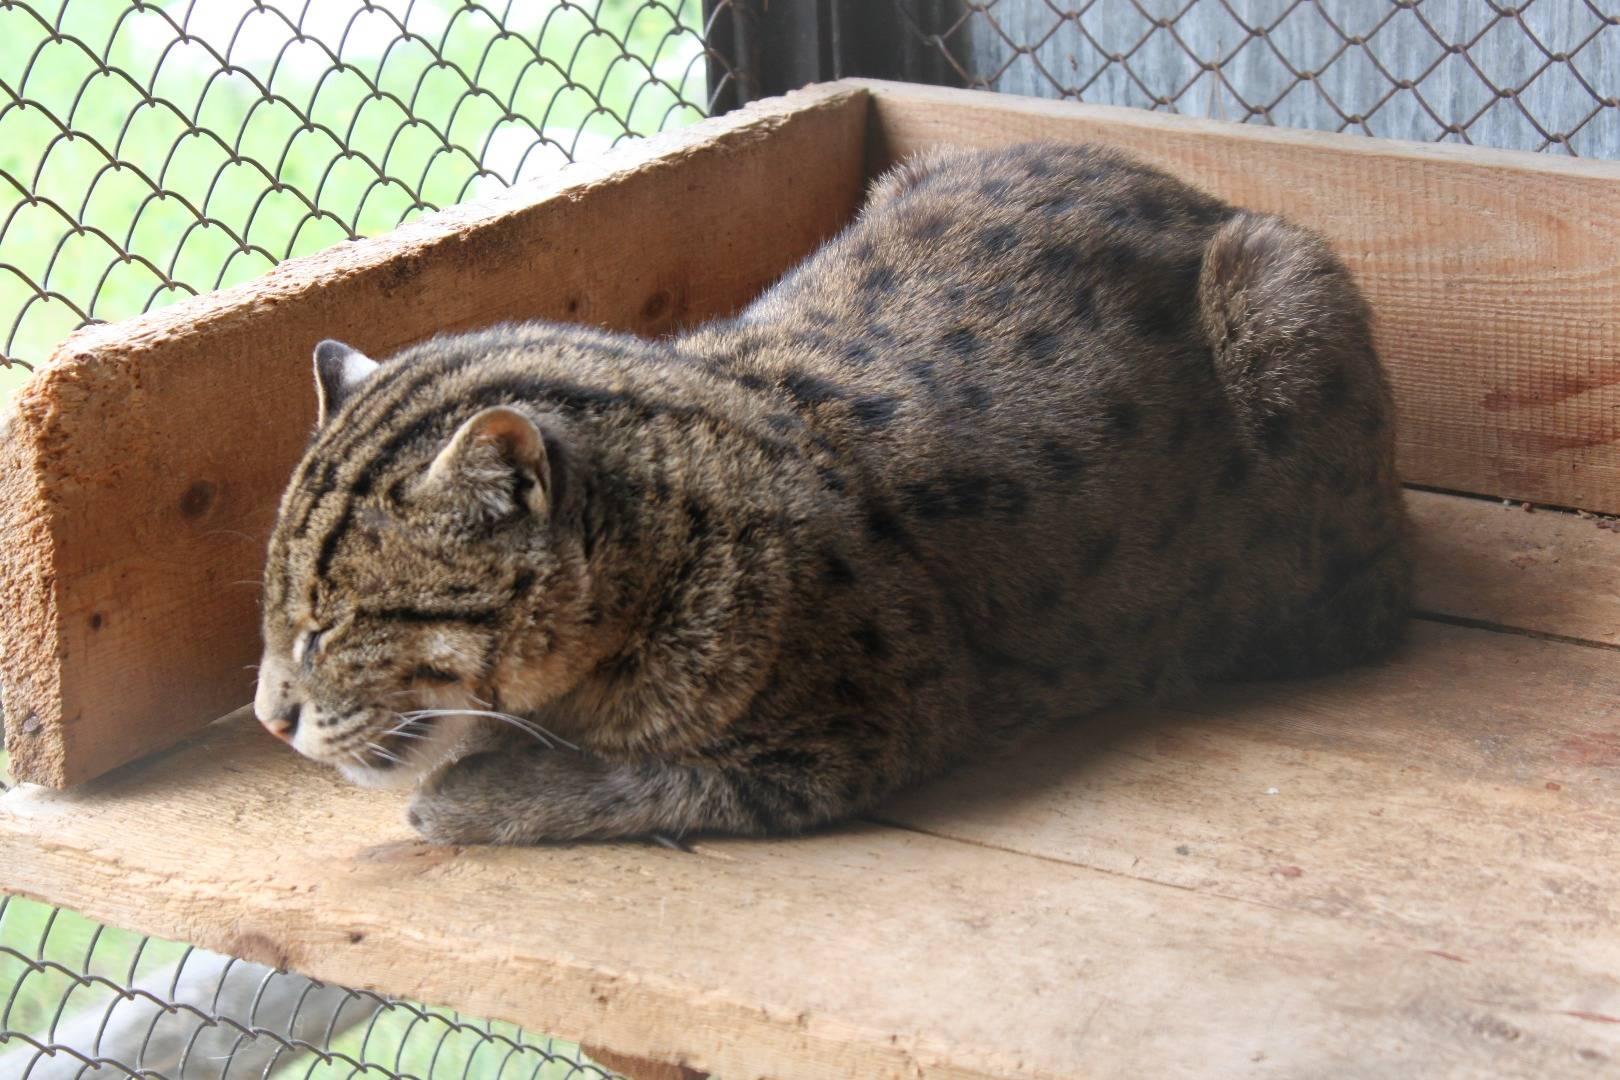 Котенок-рыболов в домашних условиях: можно ли содержать виверрового кота в квартире?